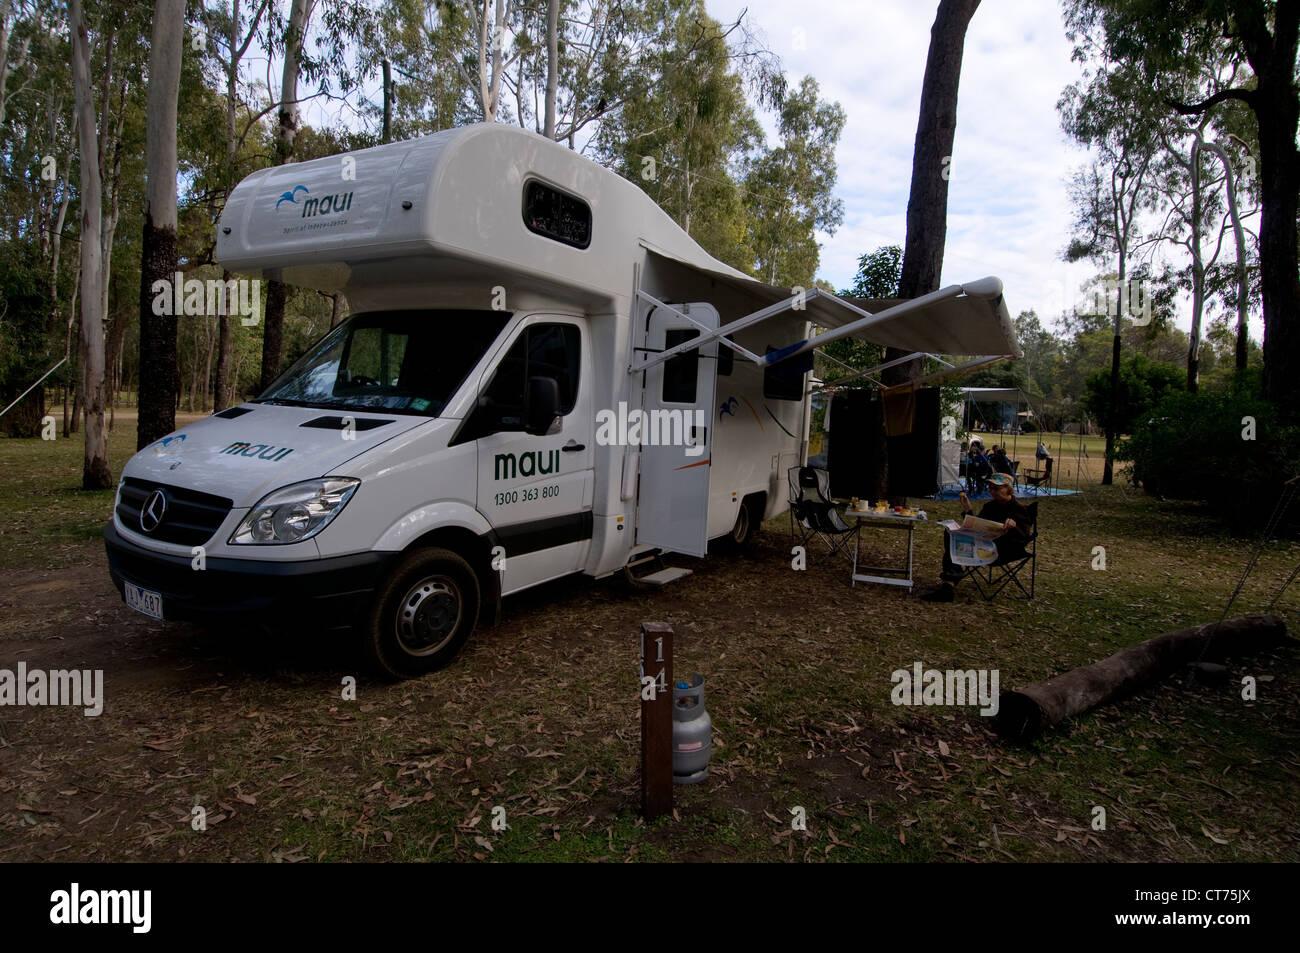 a camper having breakfast